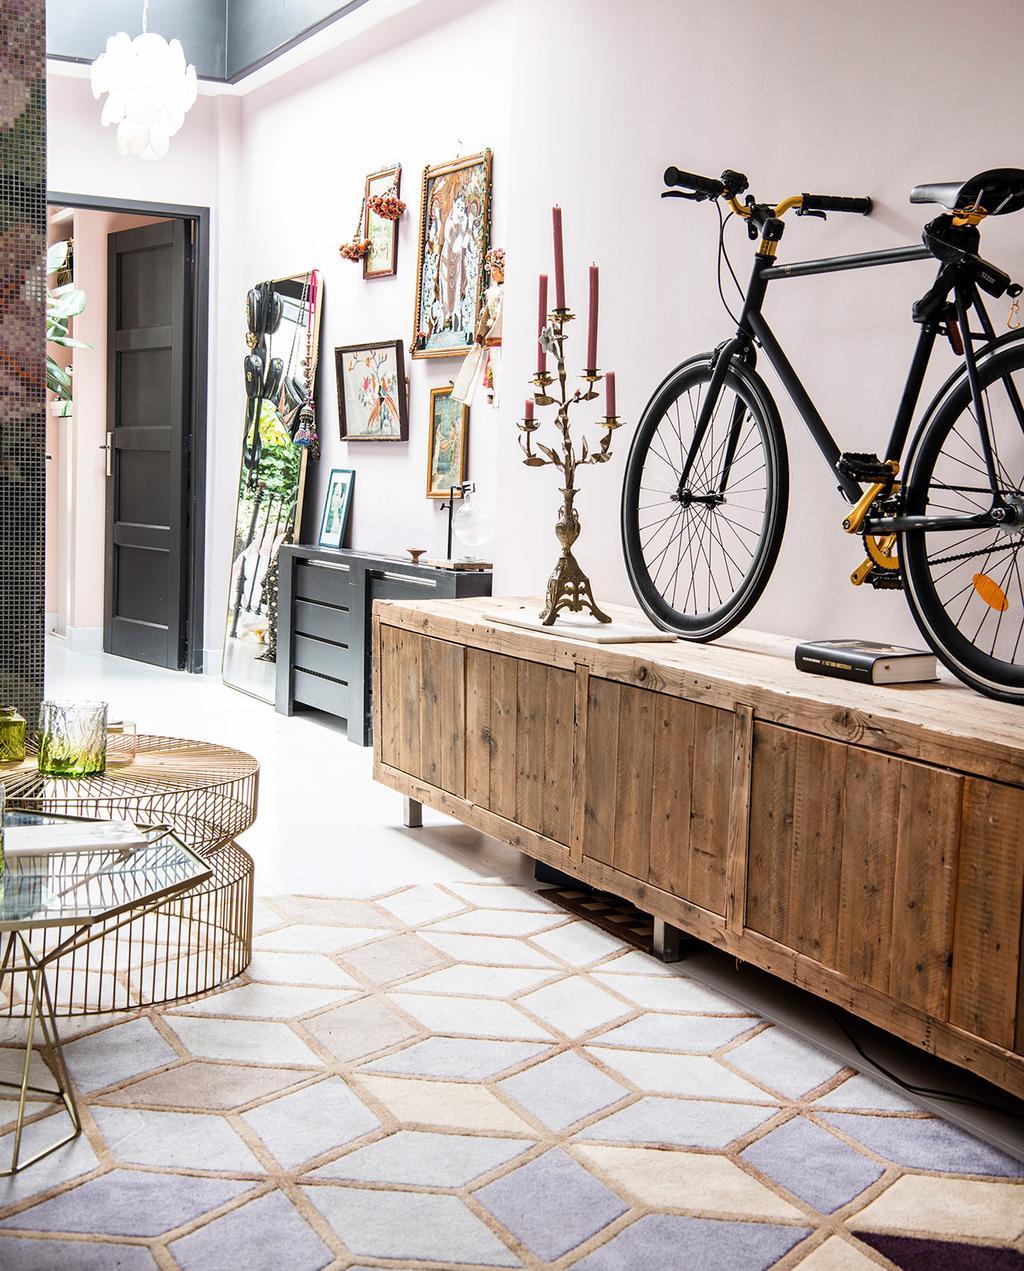 vtwonen 06-2021 | geometrisch vloerkleed met pastelkleuren met een fiets uitgestalt op een lage kast in de Jordaan